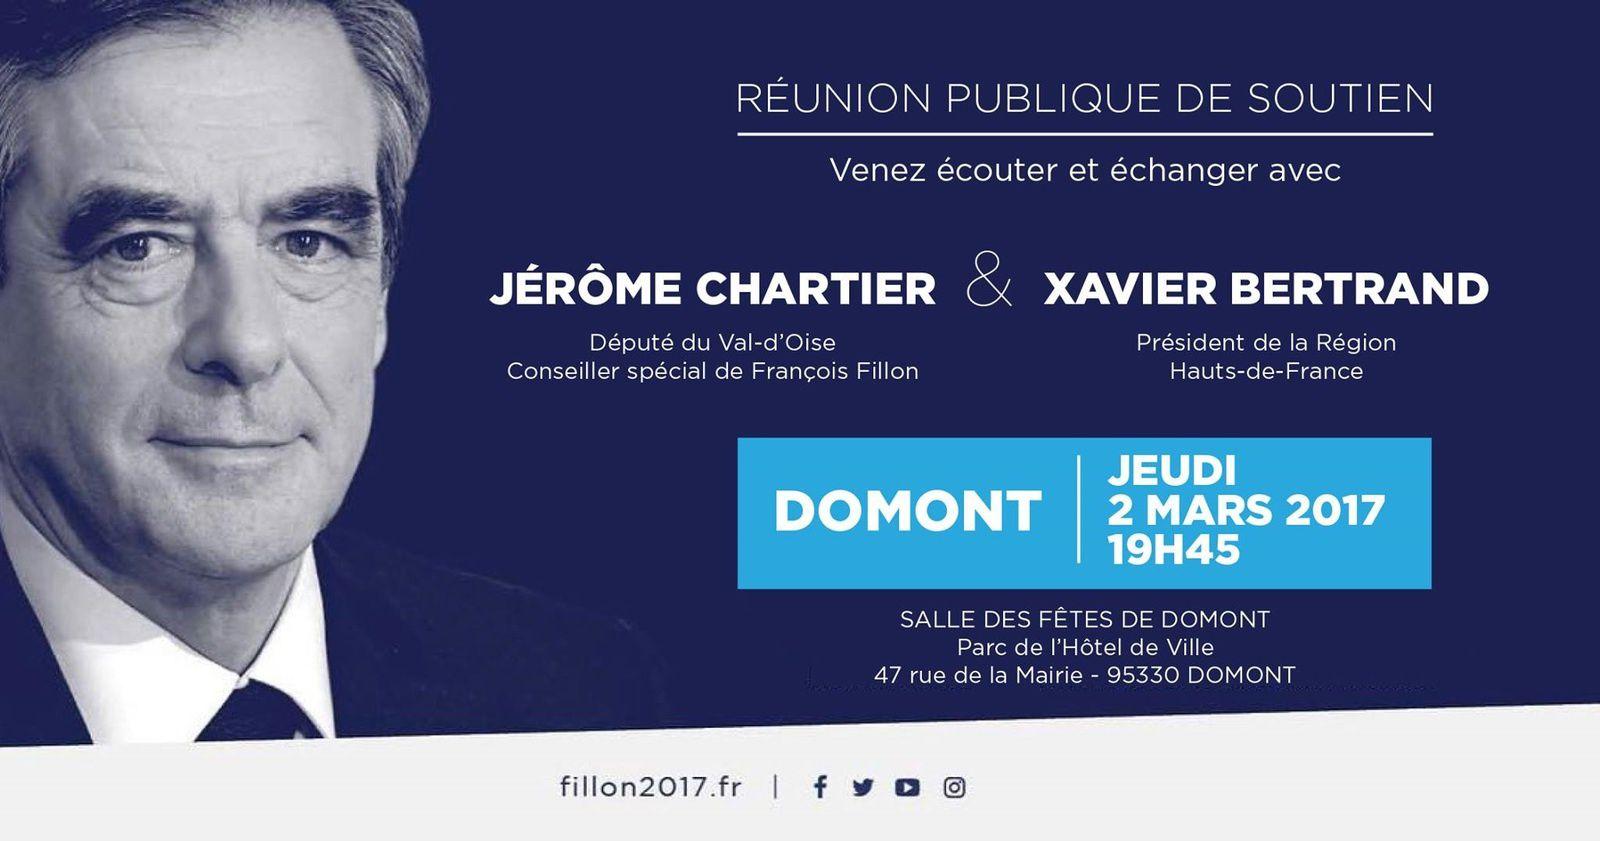 Jeudi 2 mars à Domont : réunion publique de soutien à François Fillon